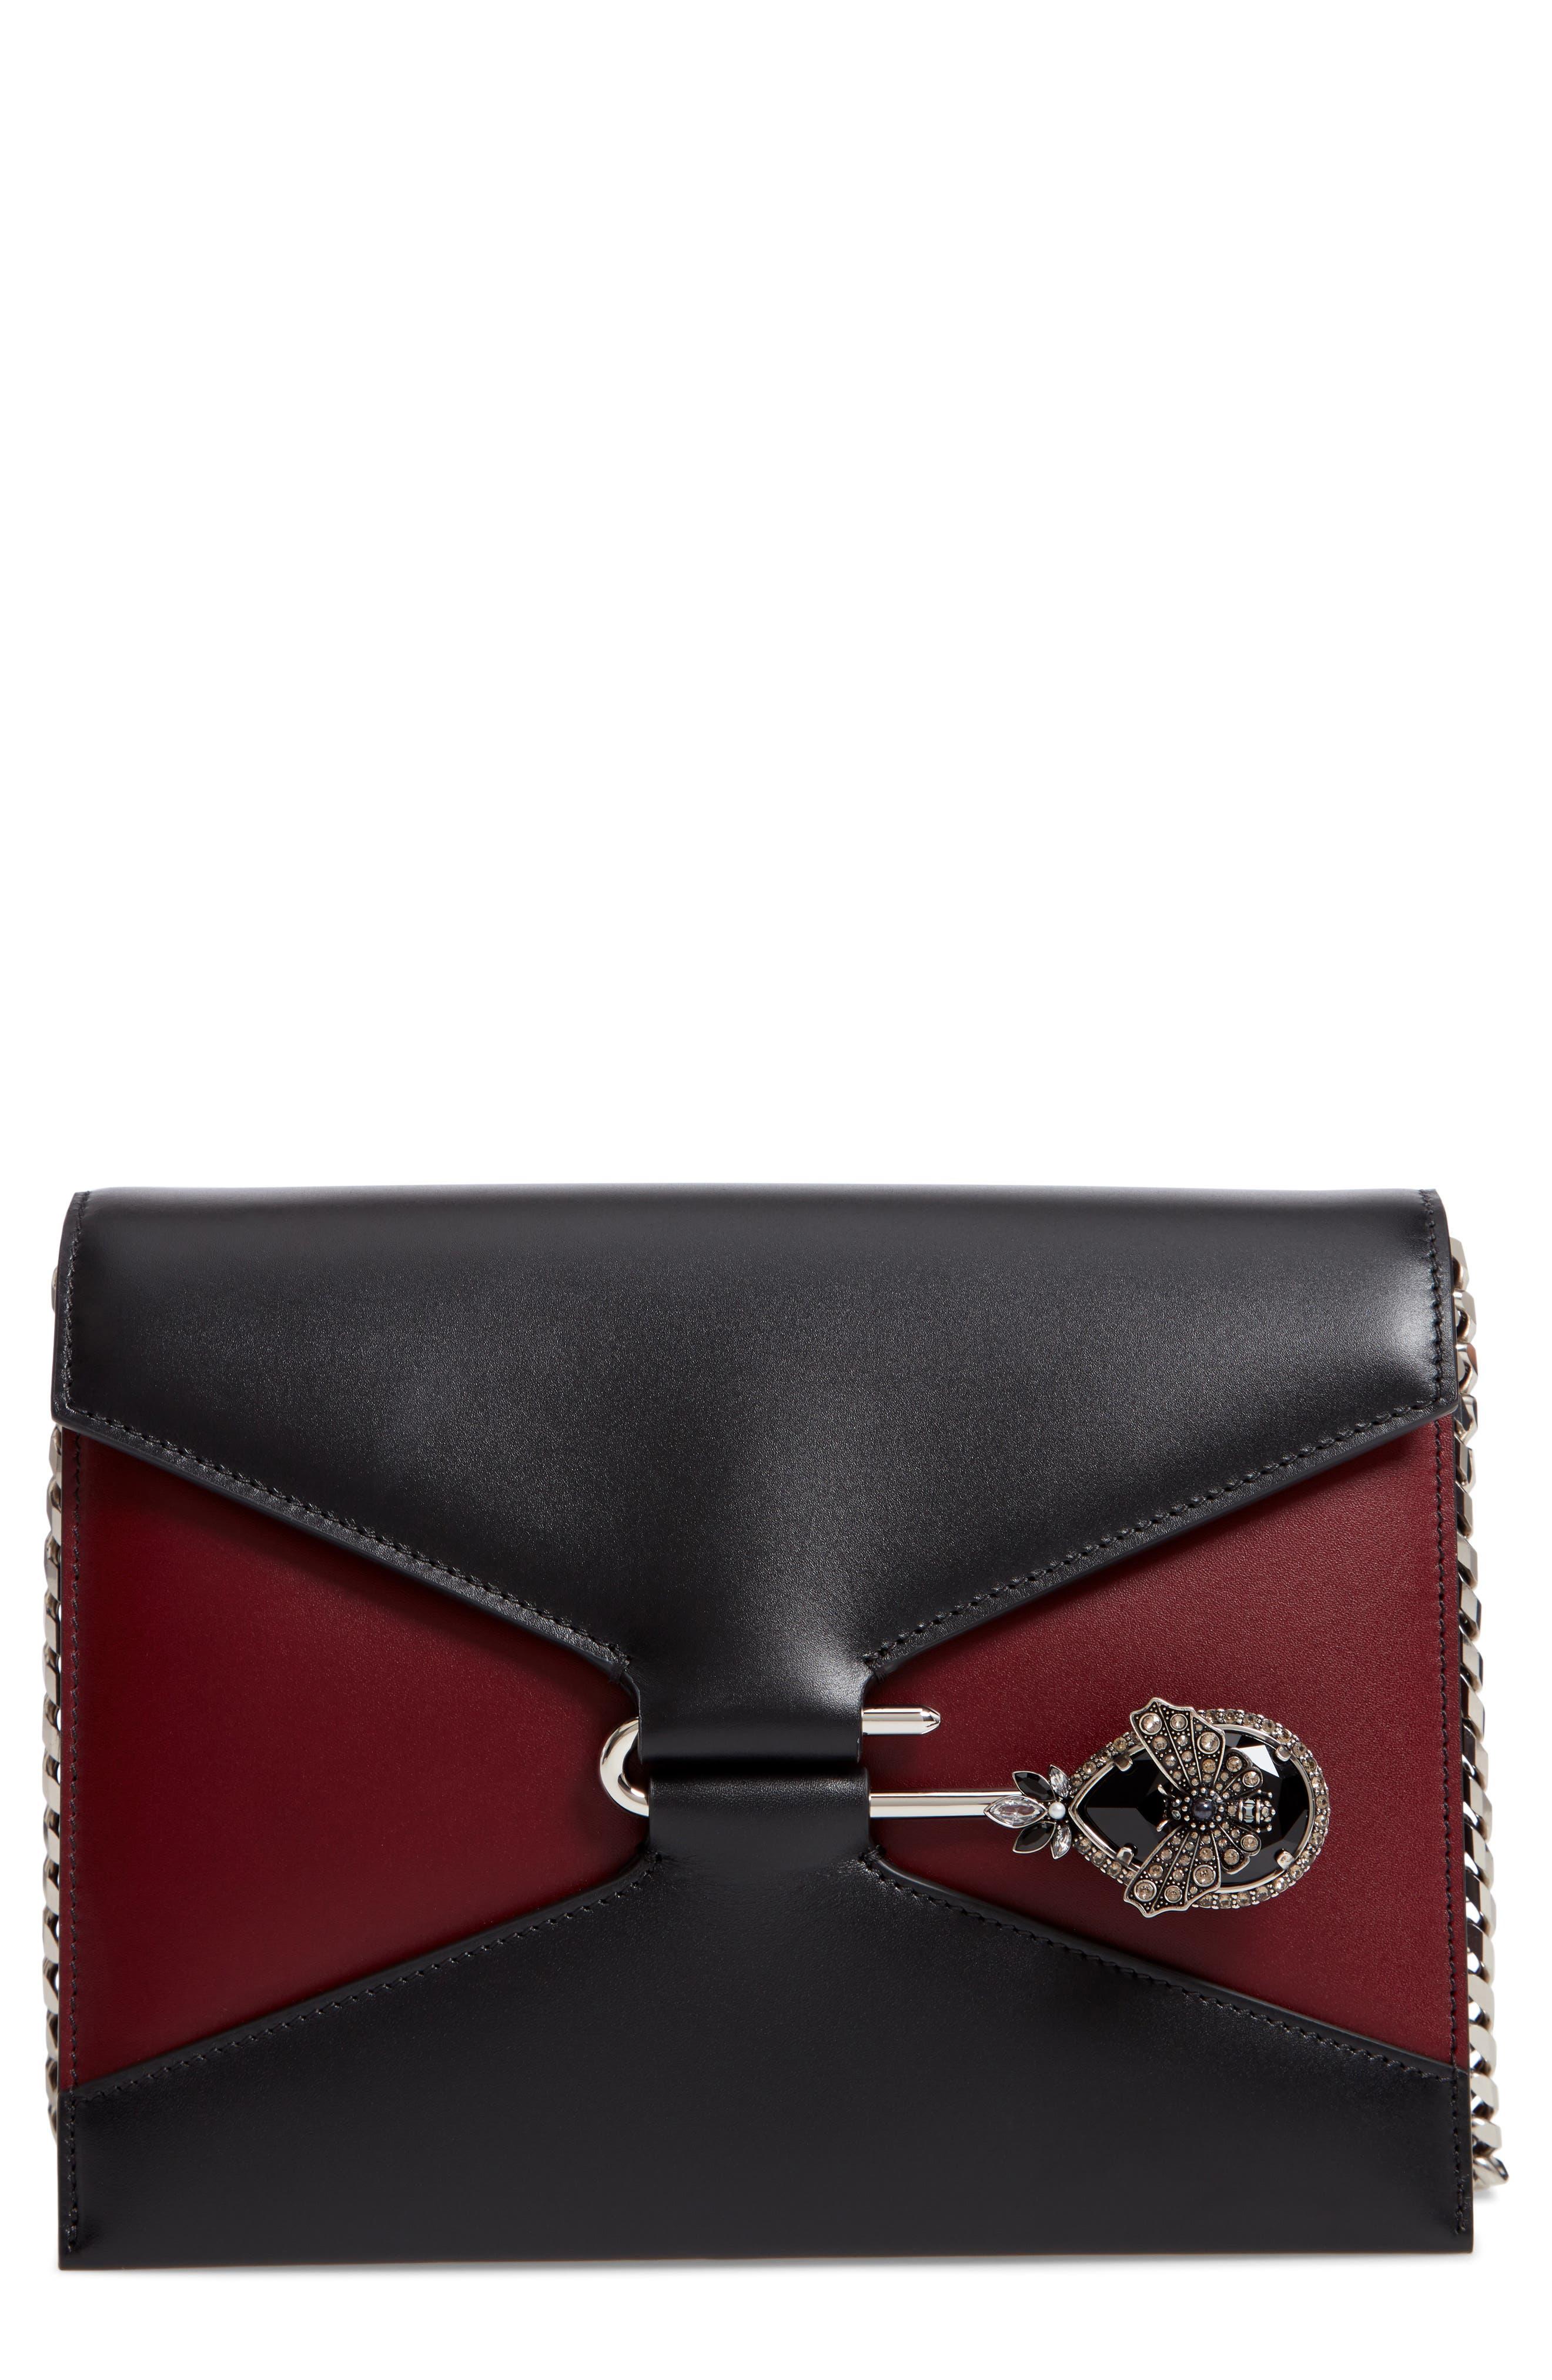 Pin Calfskin Leather Shoulder Bag,                         Main,                         color,